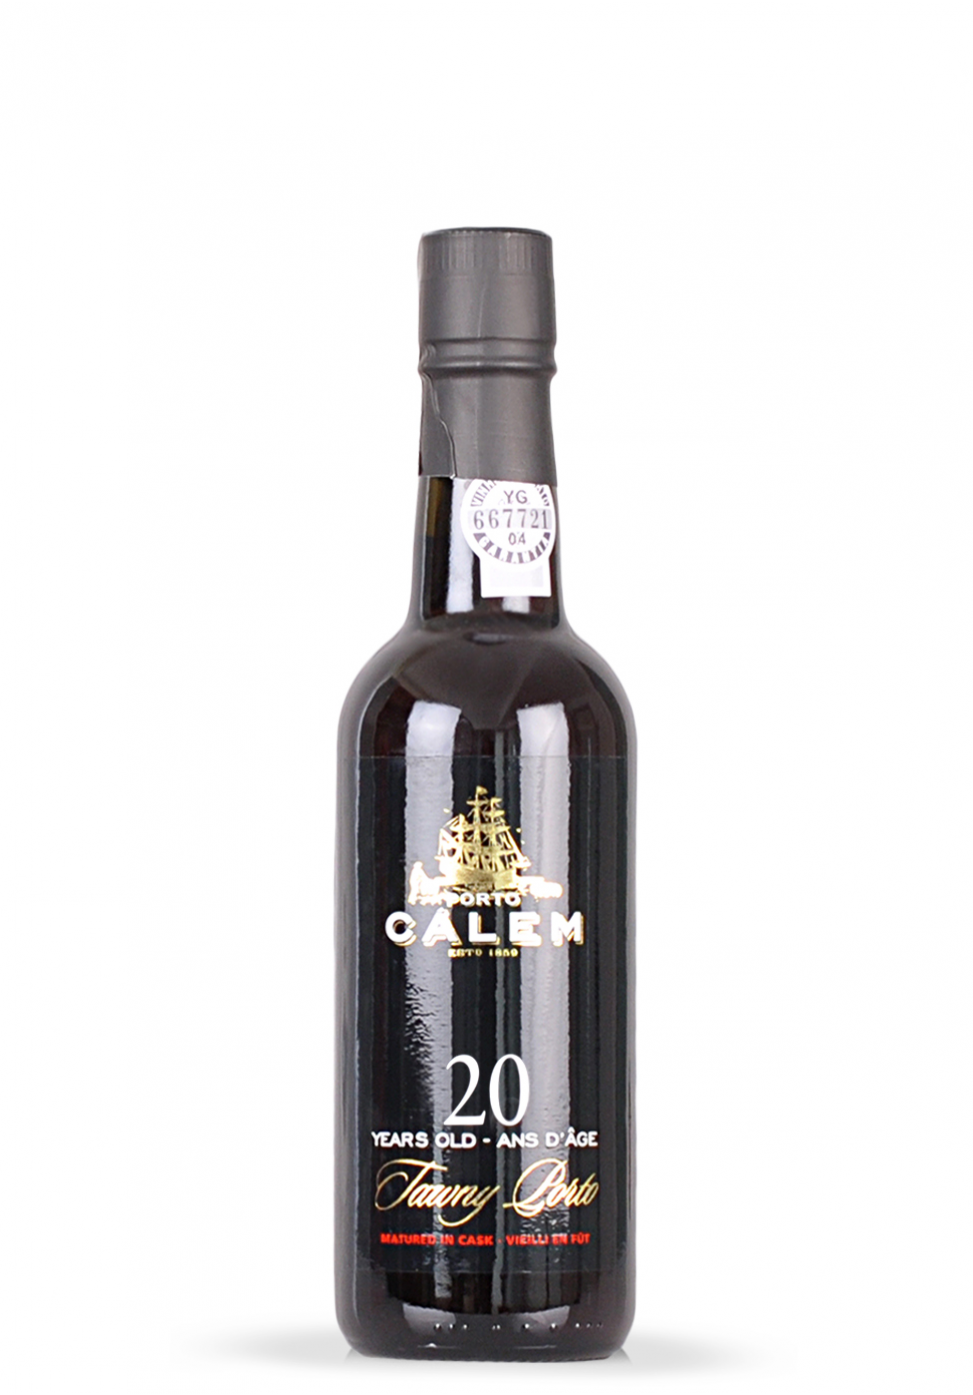 Vin Calem 20 ani, Tawny Porto (0.375L)